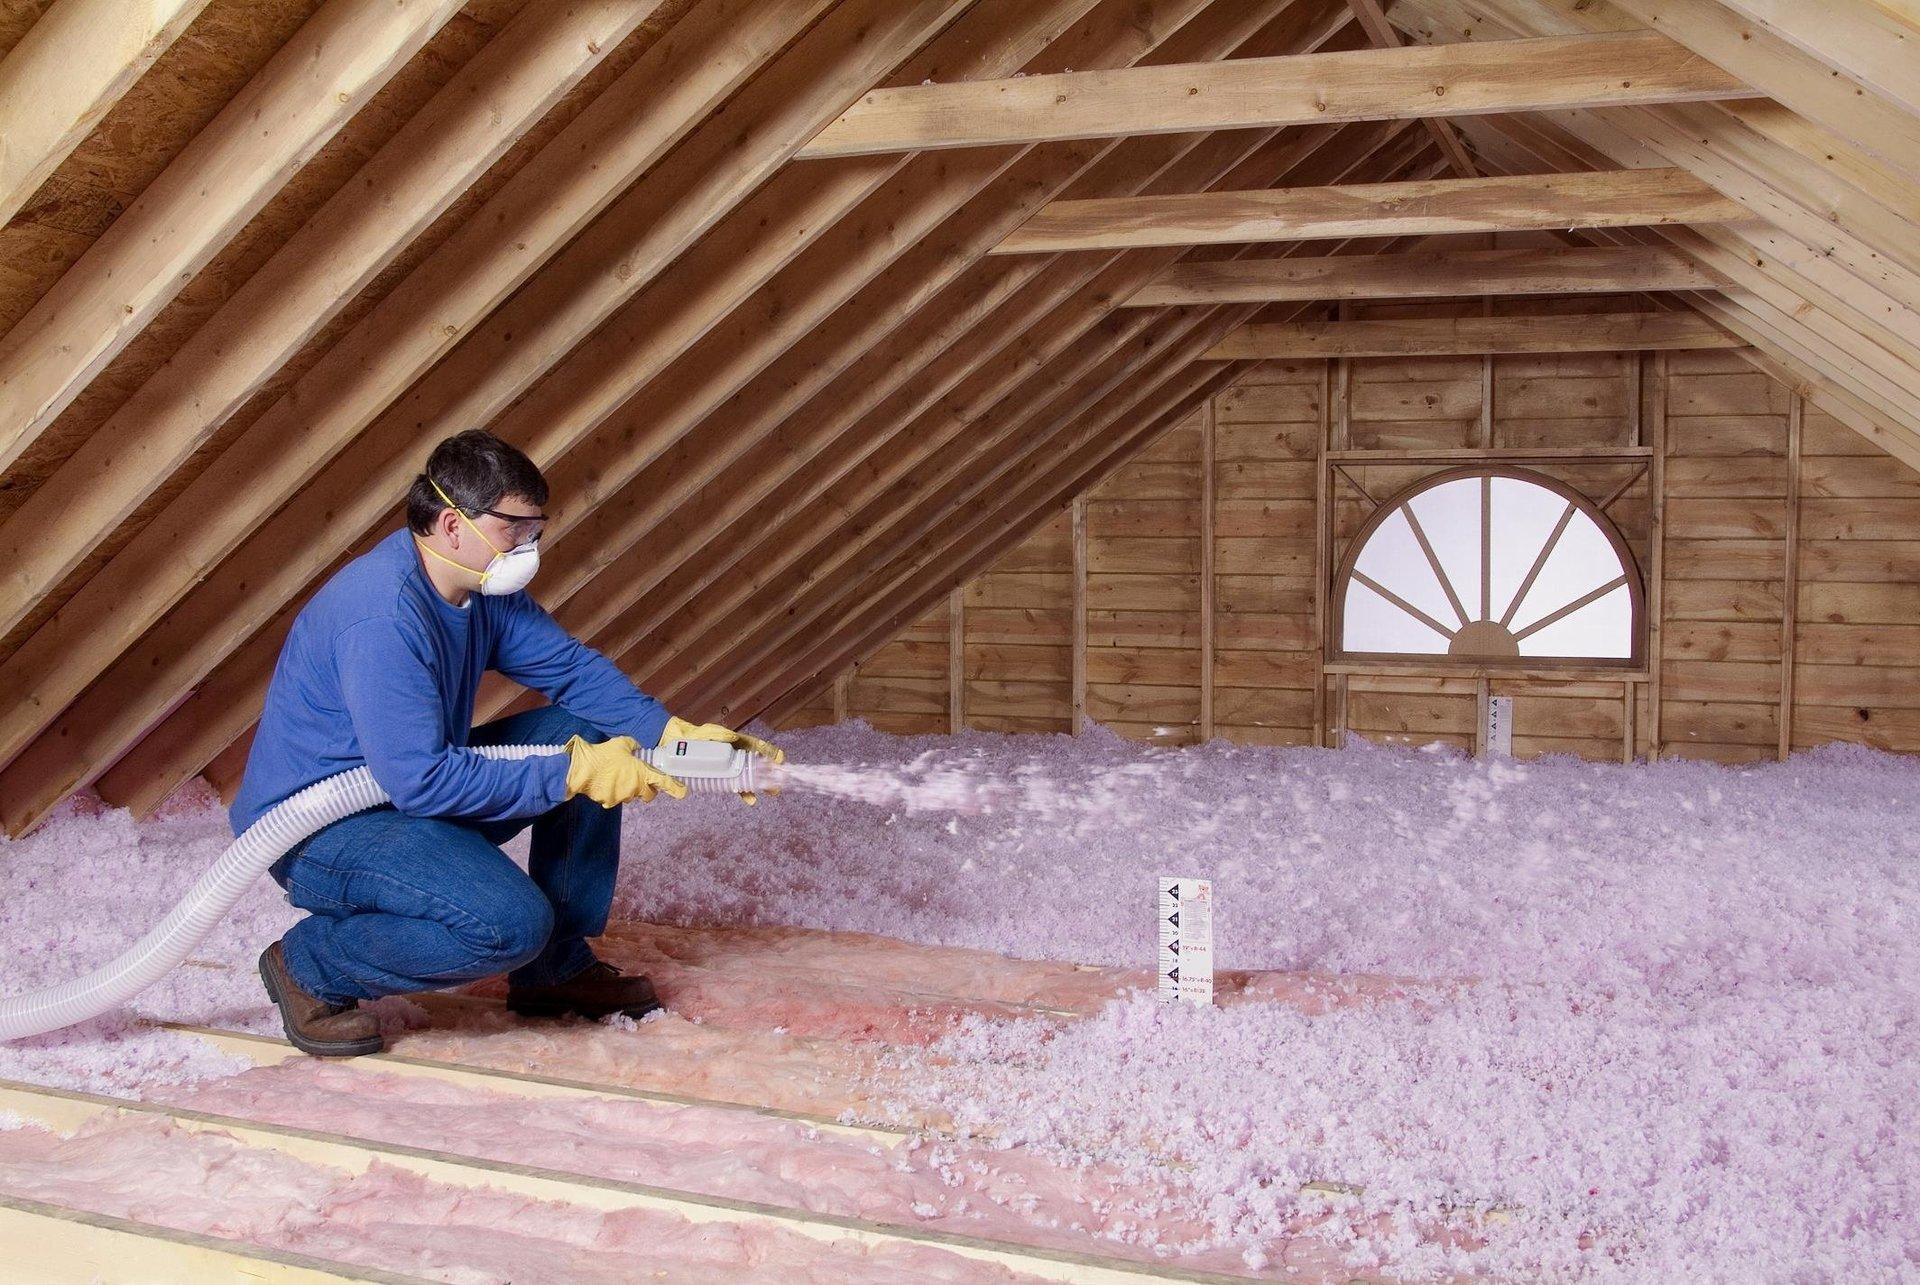 Attic insulation service